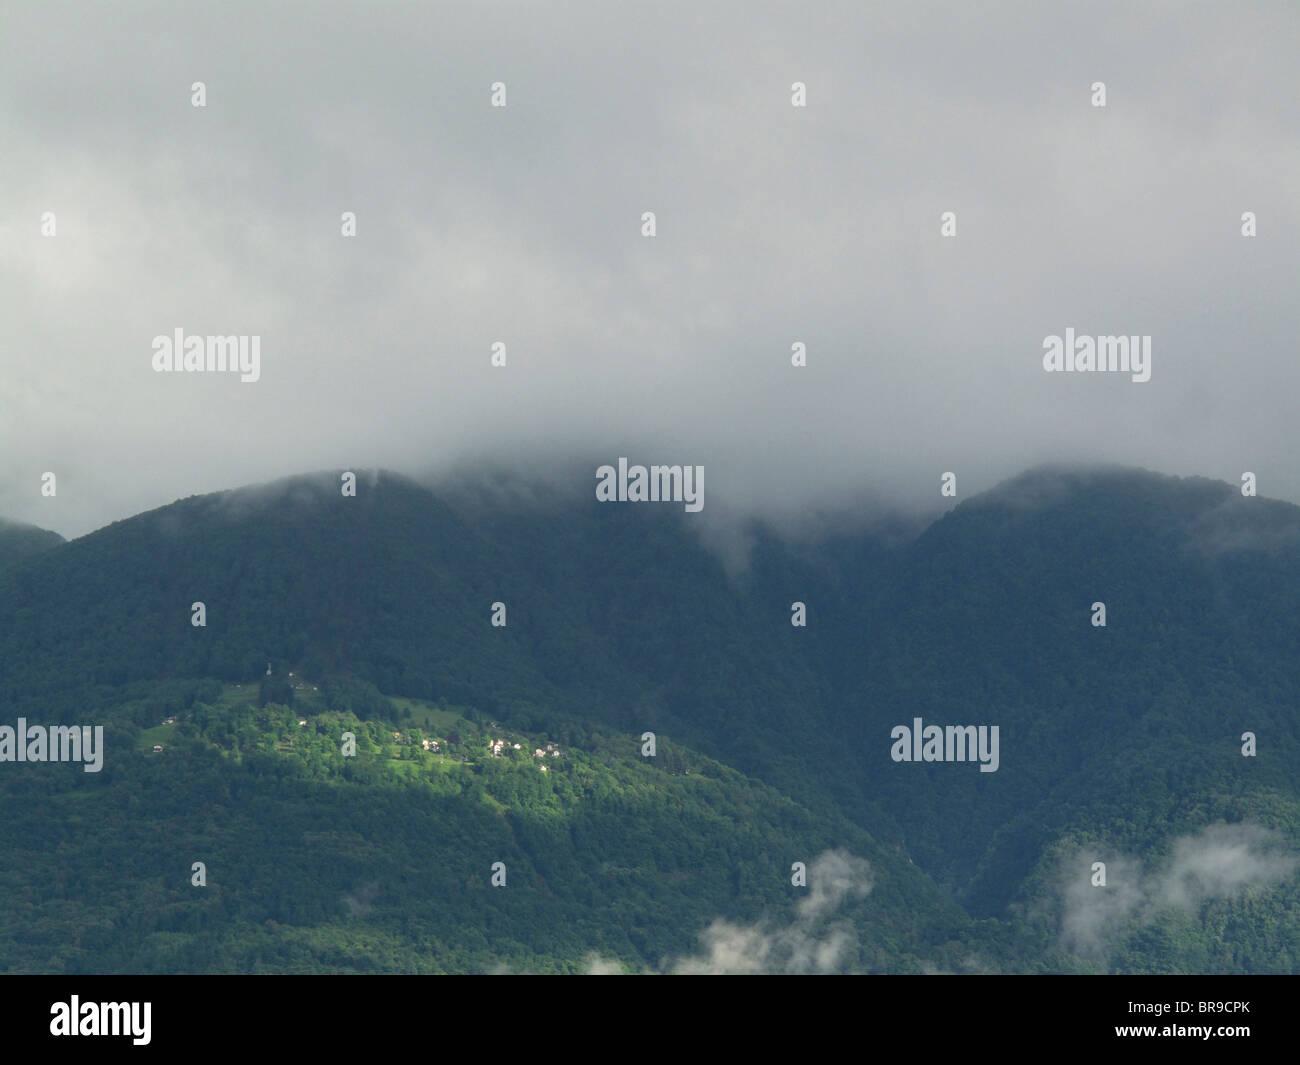 nach regen Duschen - Berggebiet des Gambarogno (in der Nähe von Dorf Gerra) - Kanton Tessin - Schweiz Stockbild